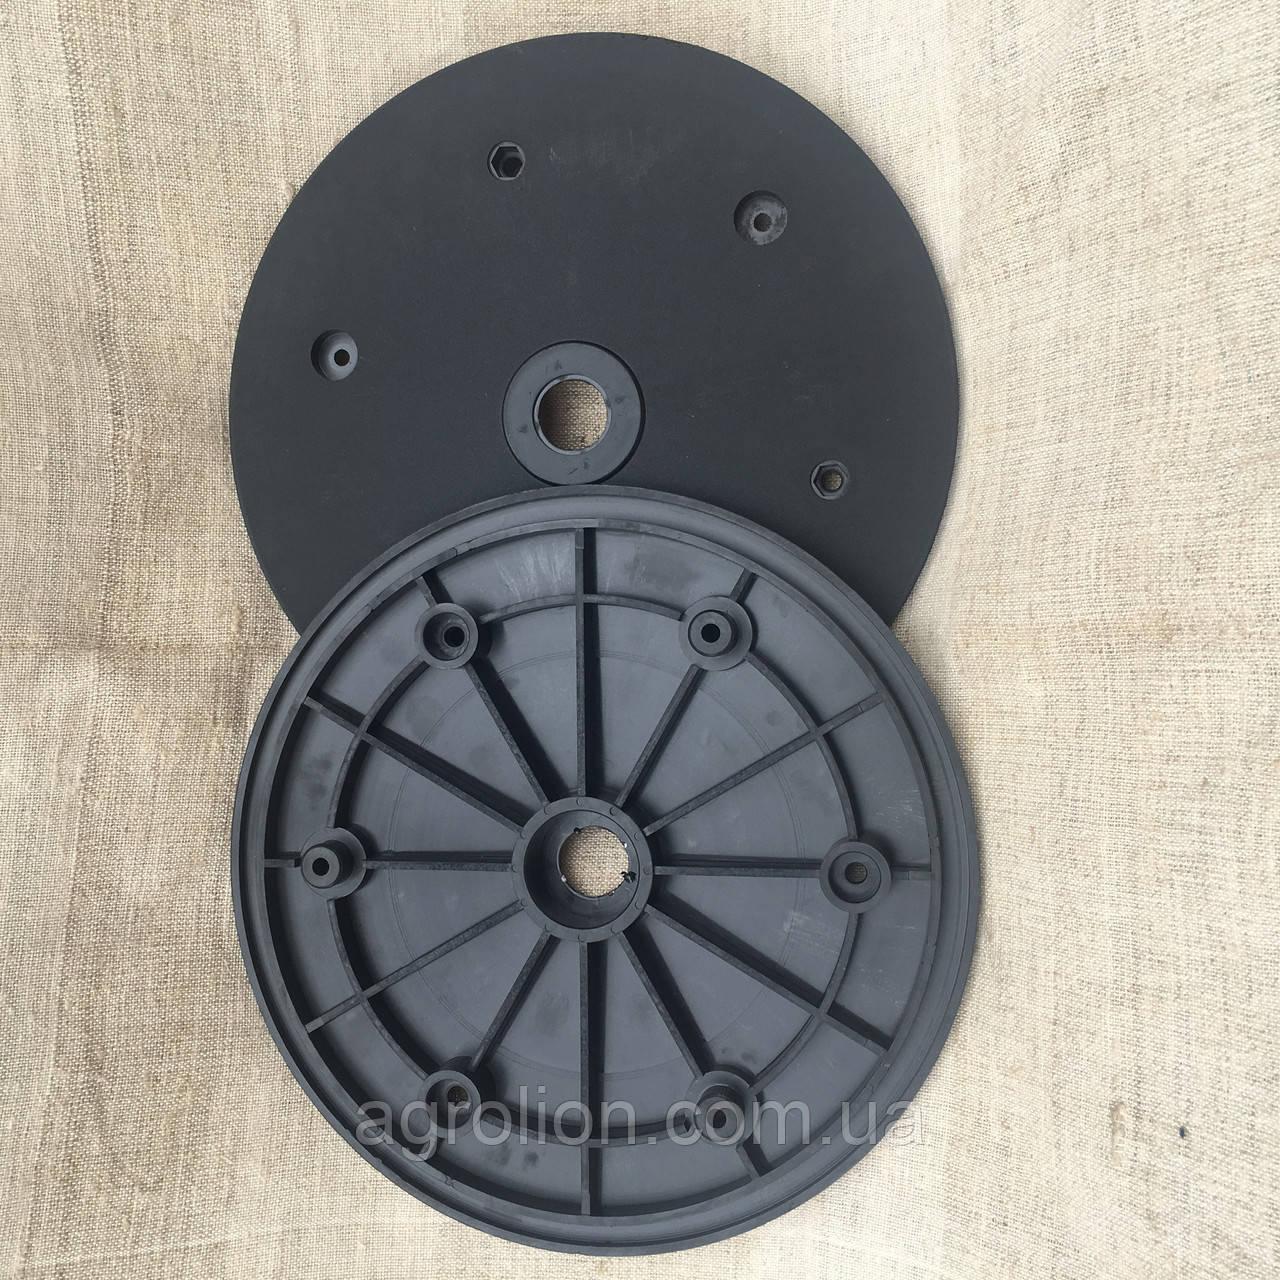 """Напівдиск прикотуючого колеса (диск поліамід) 1""""x12""""  N211155"""